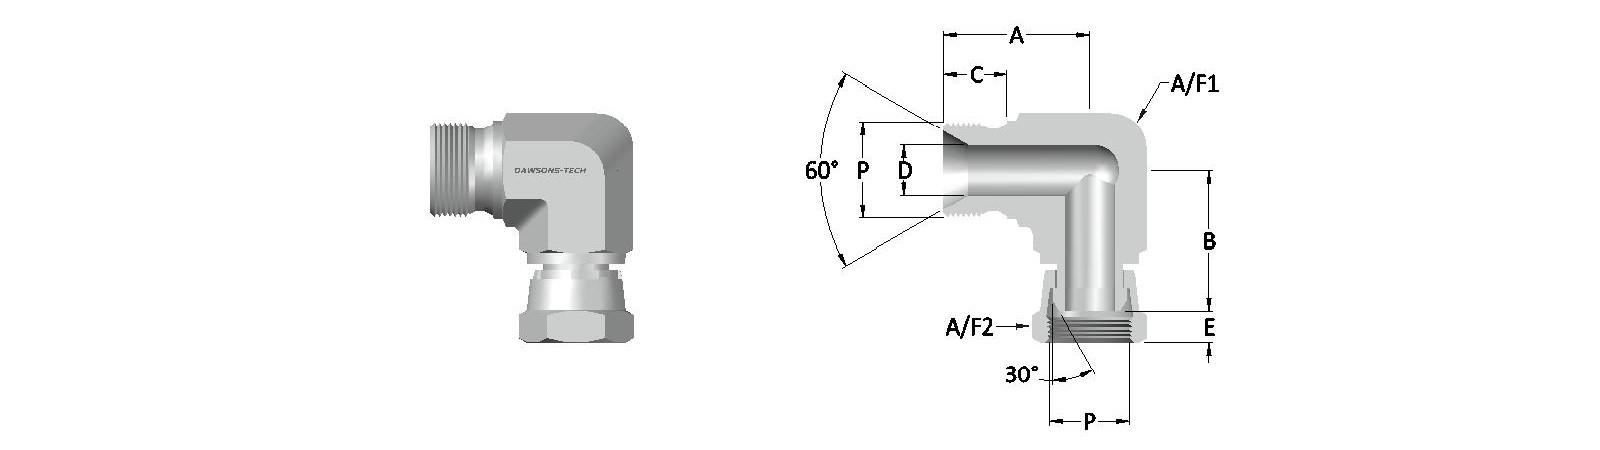 03 Male - Swivel Female Elbow BSP (Parallel) Thread-Model